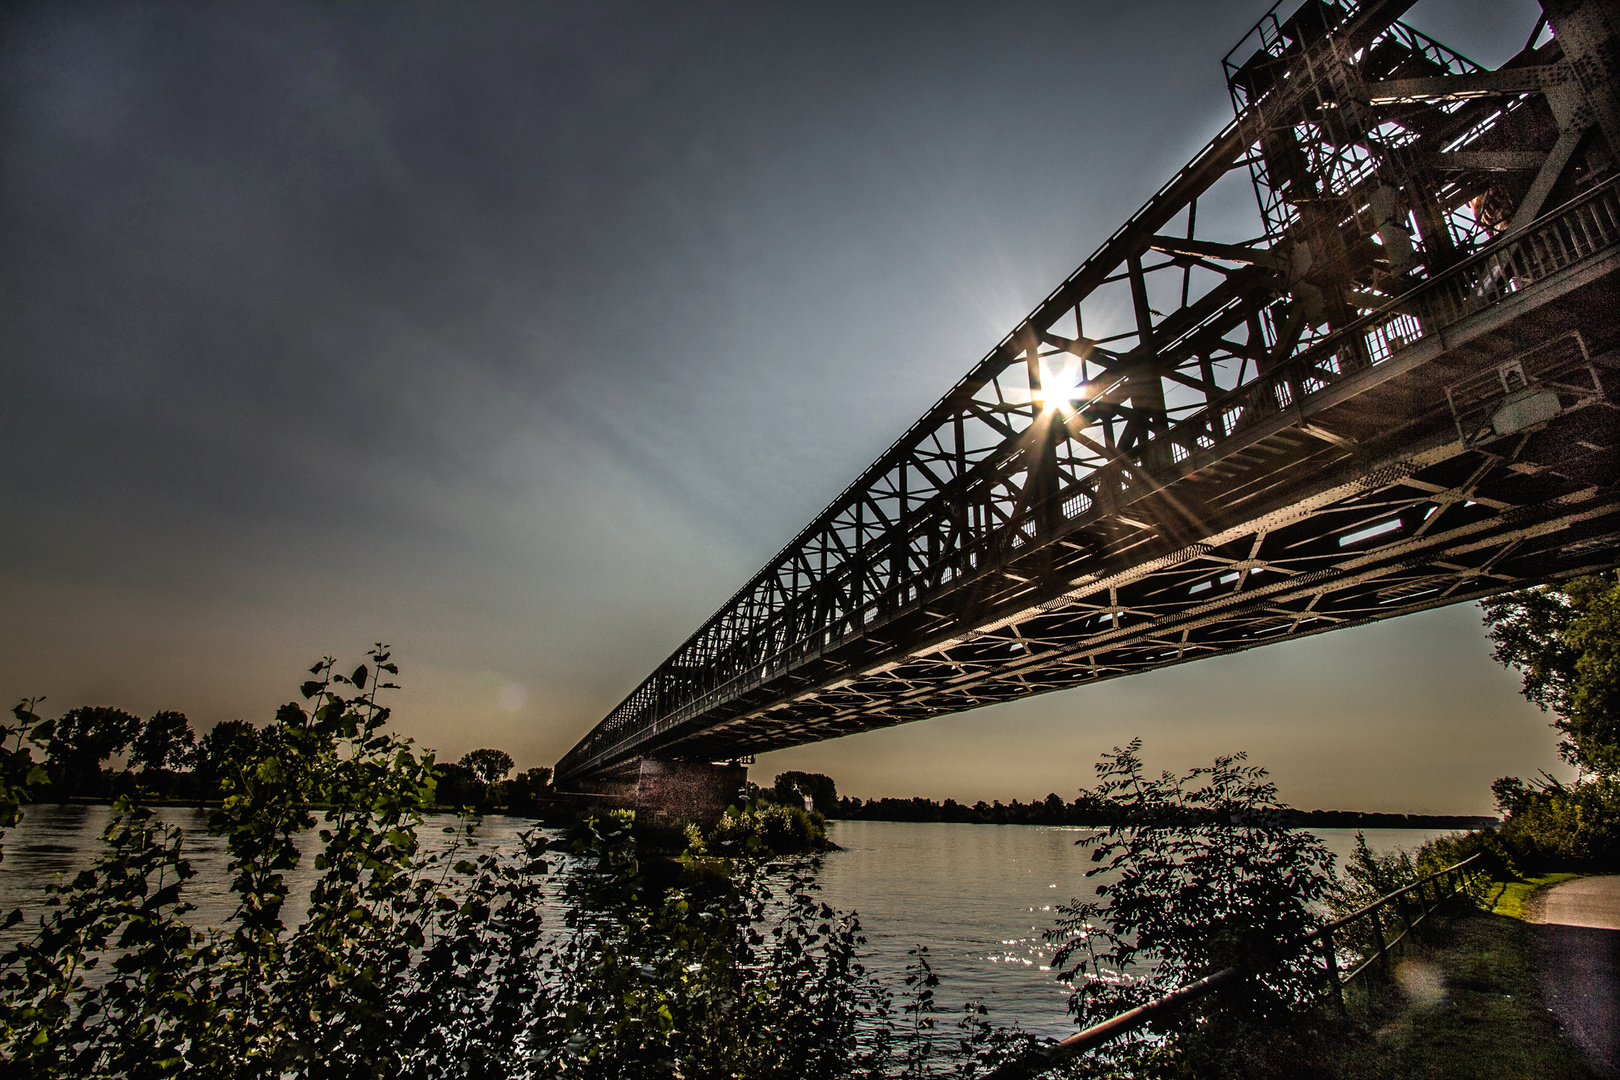 Rheinbrückenlicht